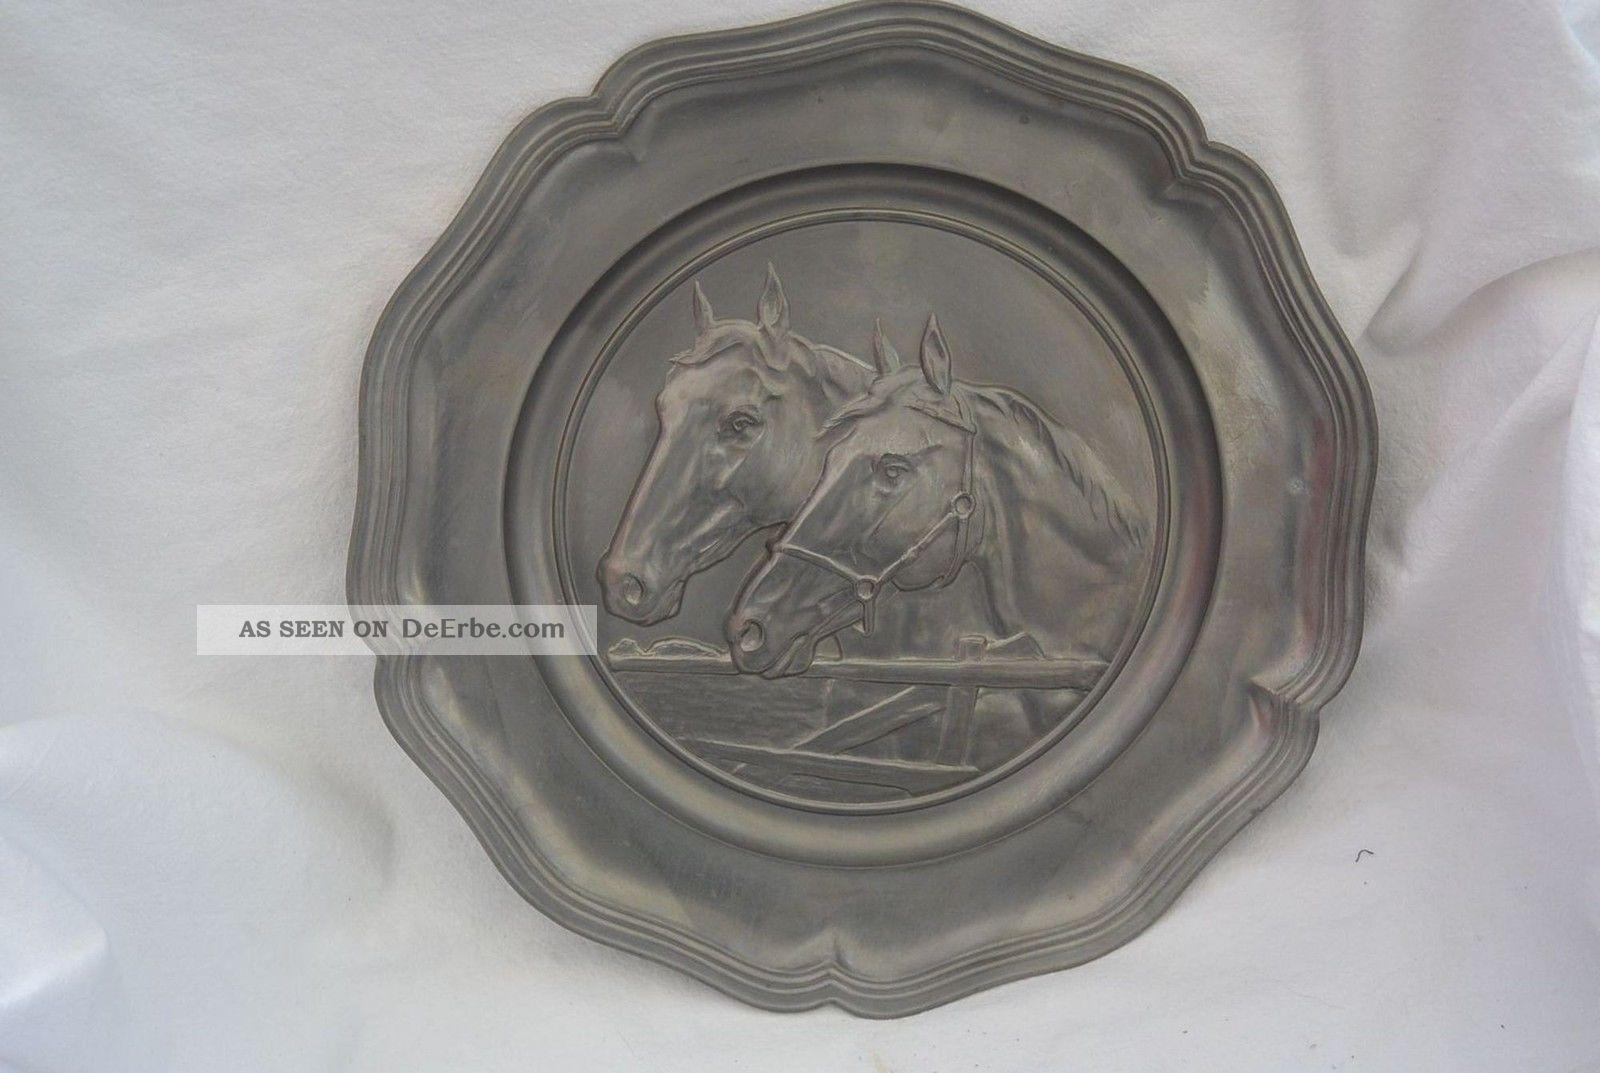 Alter Zinnteller Wandteller Zinn 32cm Pferdeköpfe Pferde Reitsport Gefertigt nach 1945 Bild